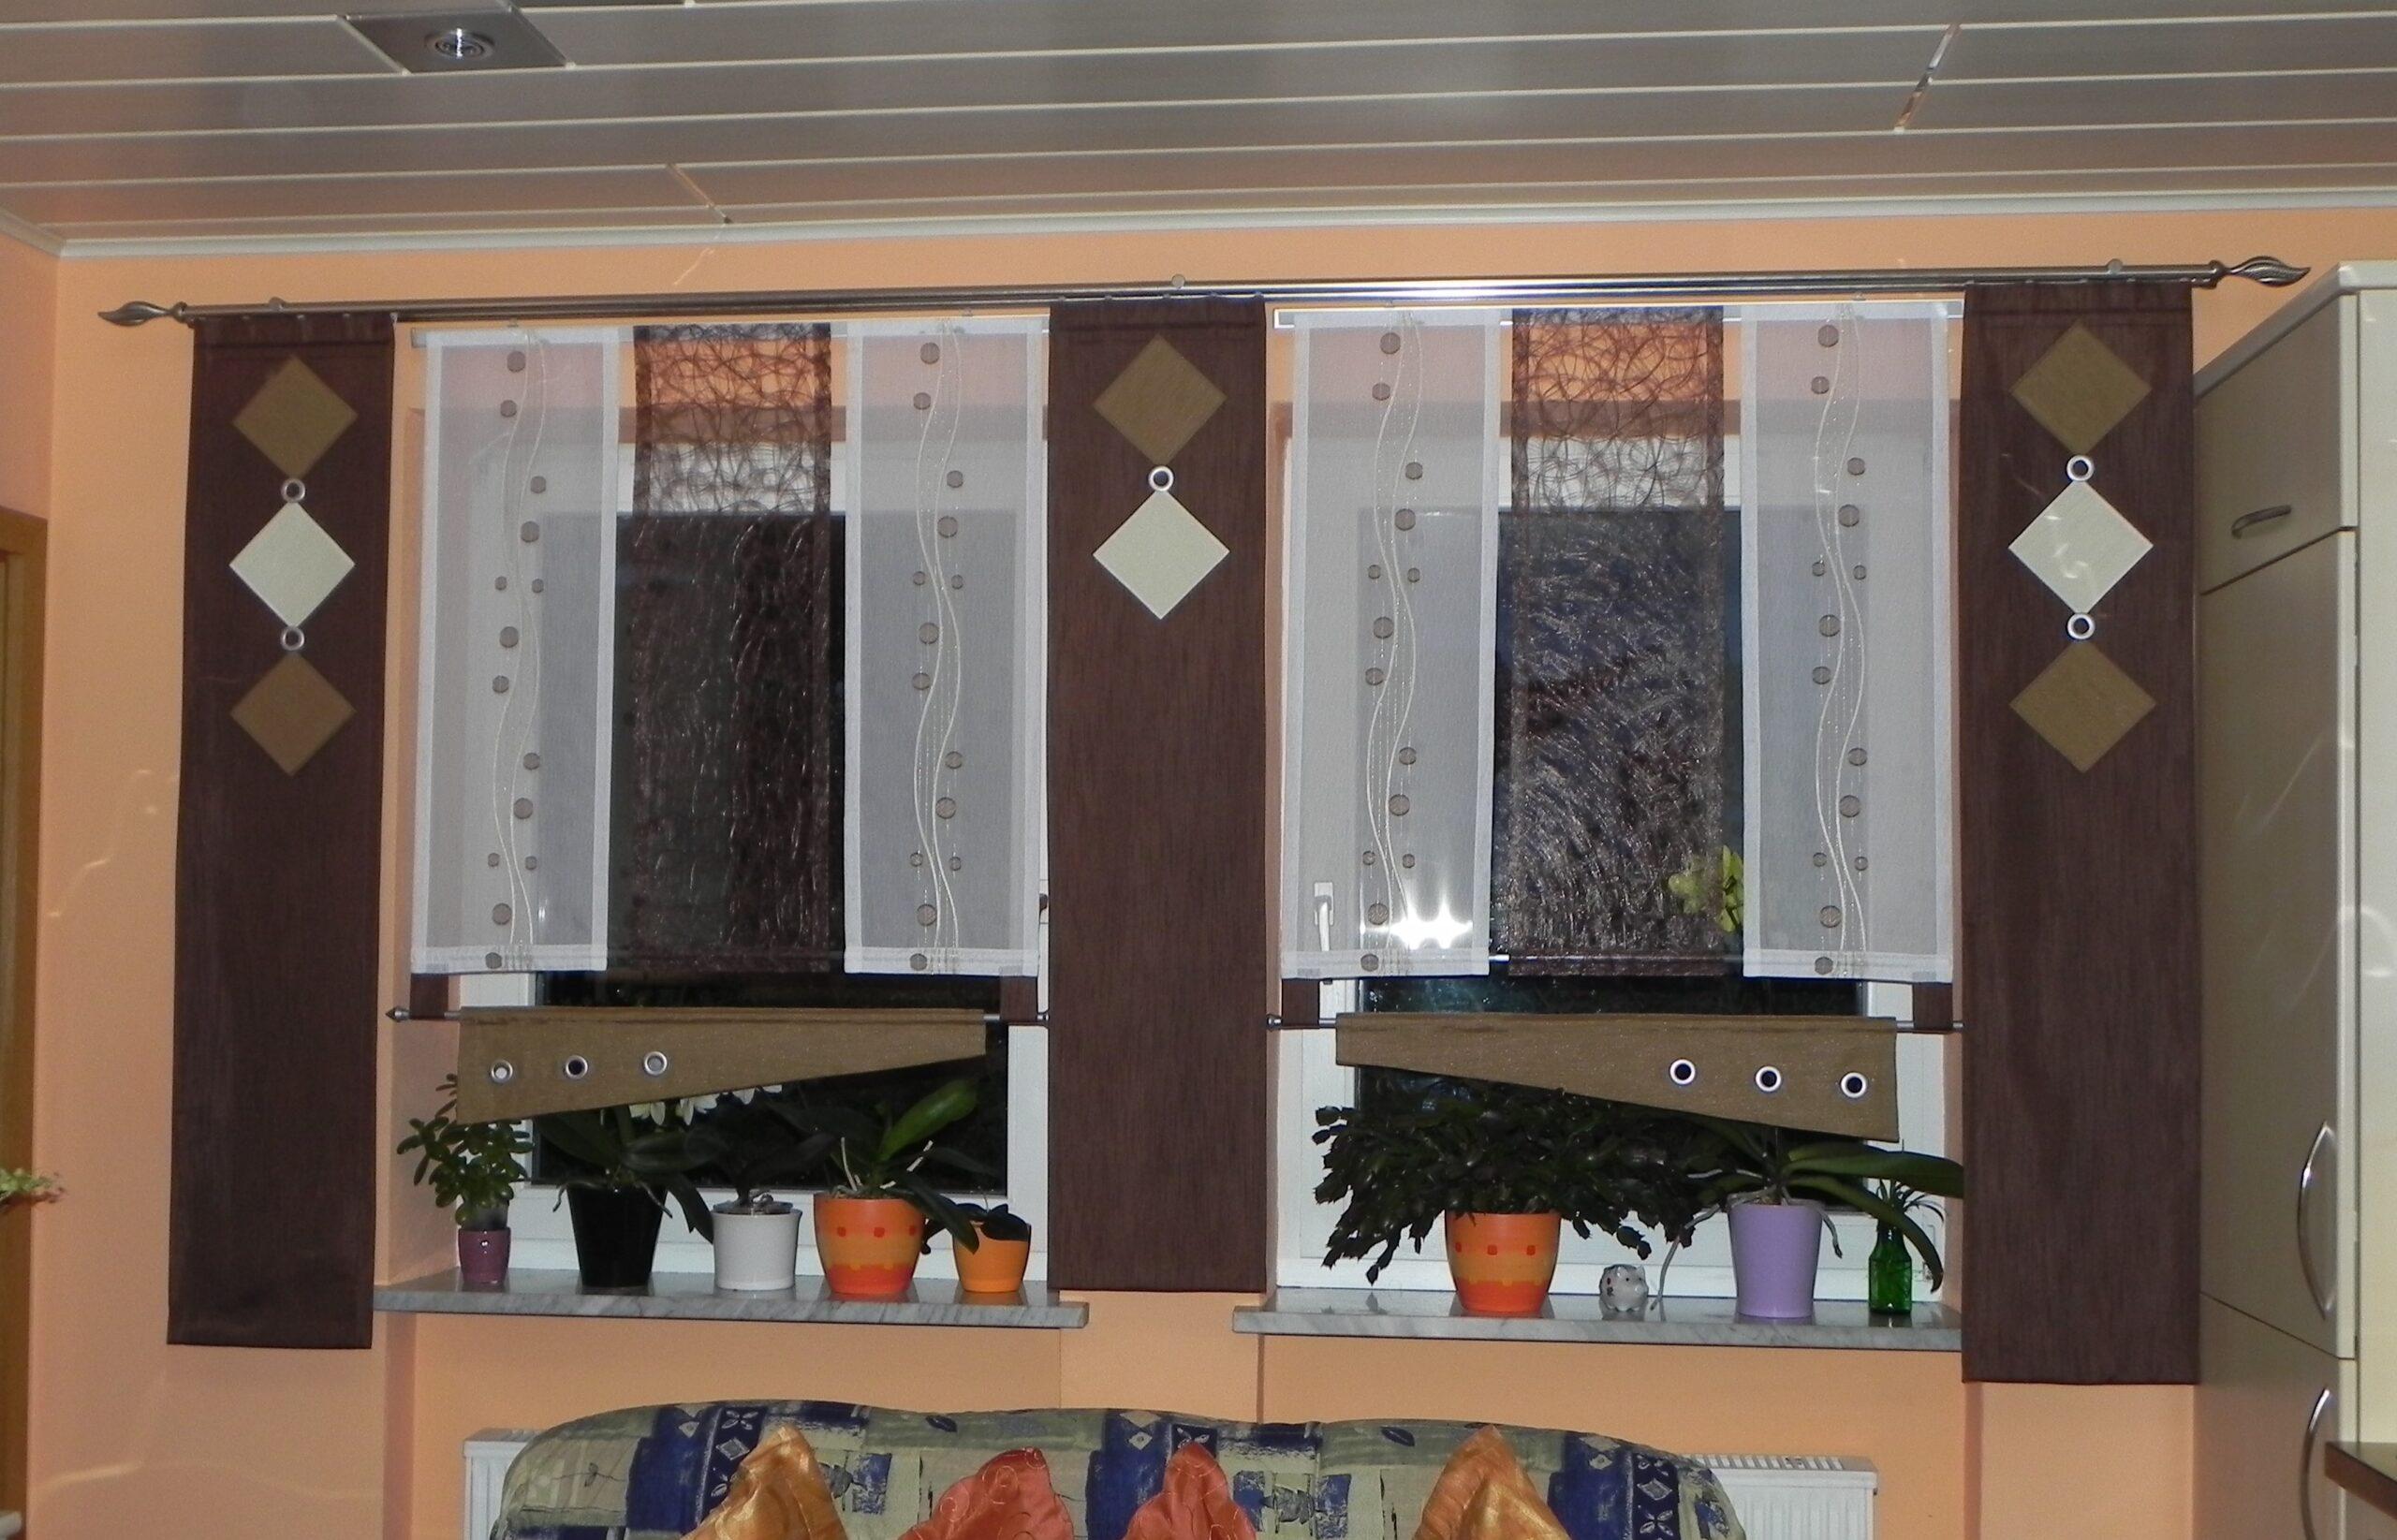 Full Size of Esstisch Modern Moderne Duschen Liege Wohnzimmer Rollo Gardinen Deckenstrahler Sofa Kleines Teppich Landhausküche Deko Lampe Deckenlampe Hängelampe Wohnzimmer Wohnzimmer Gardinen Modern